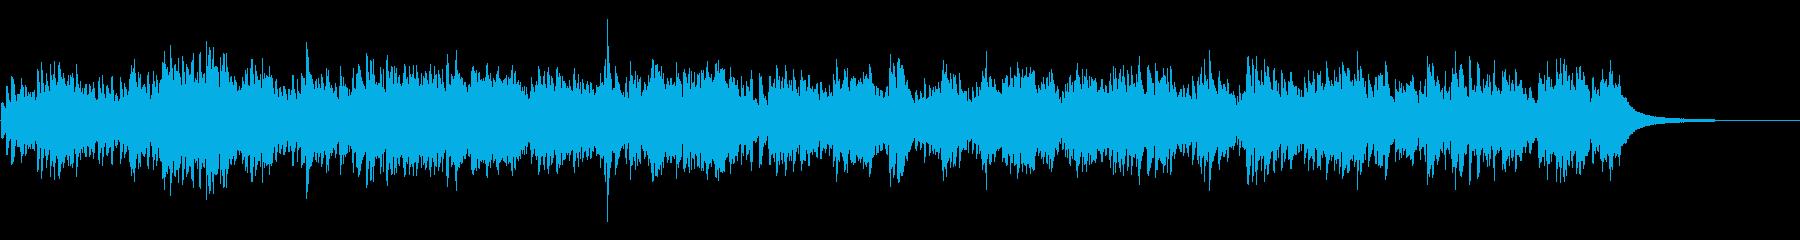 鐘が鳴るの再生済みの波形